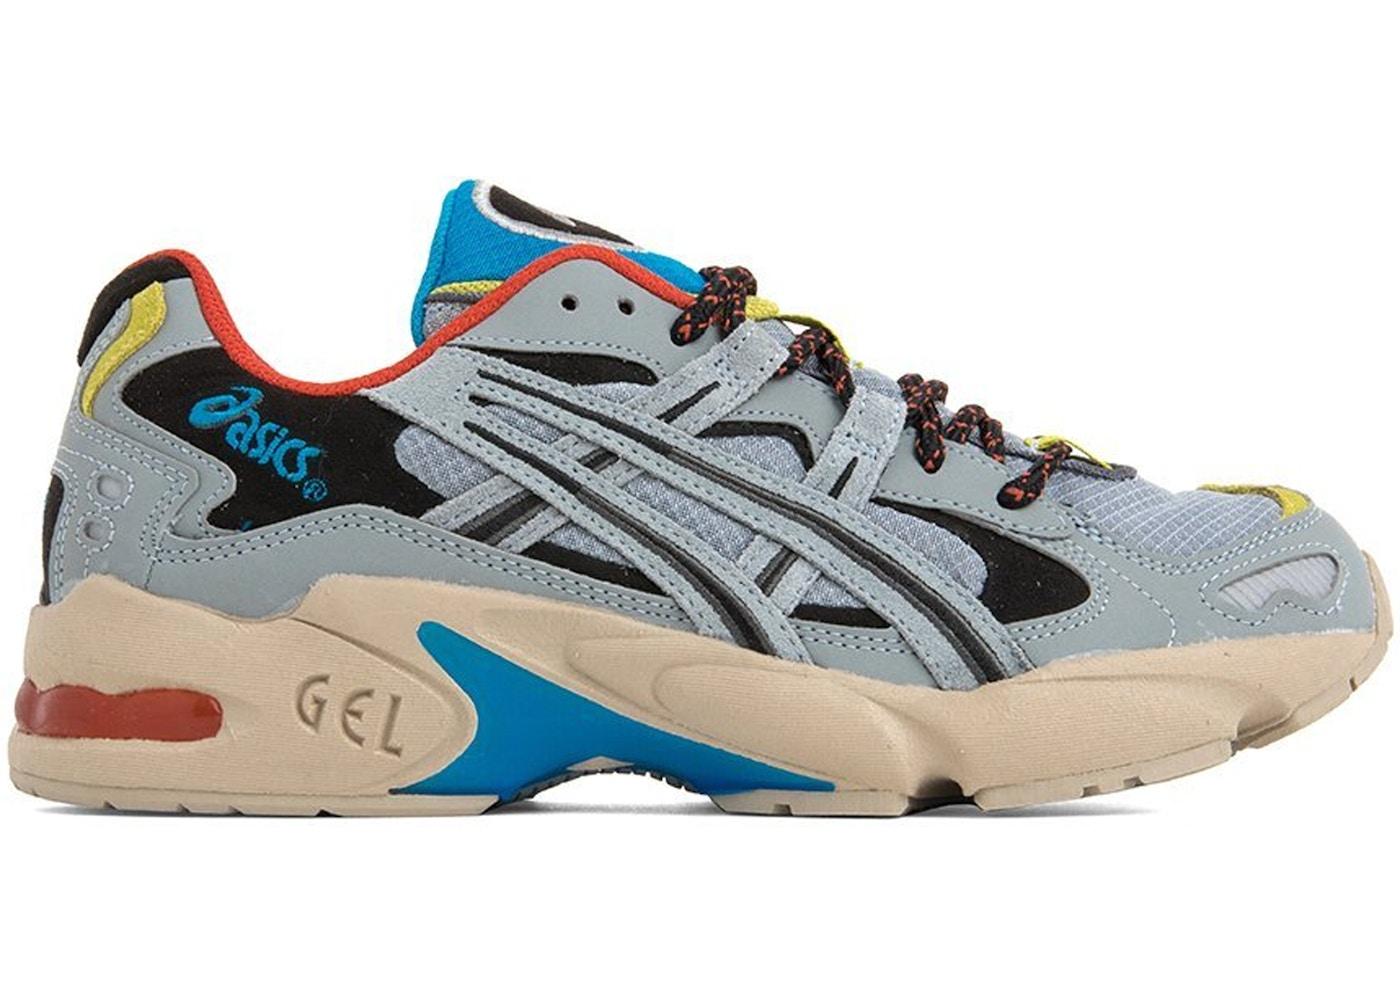 buy popular de362 c2d3e Asics Size 9 Shoes - Lowest Ask